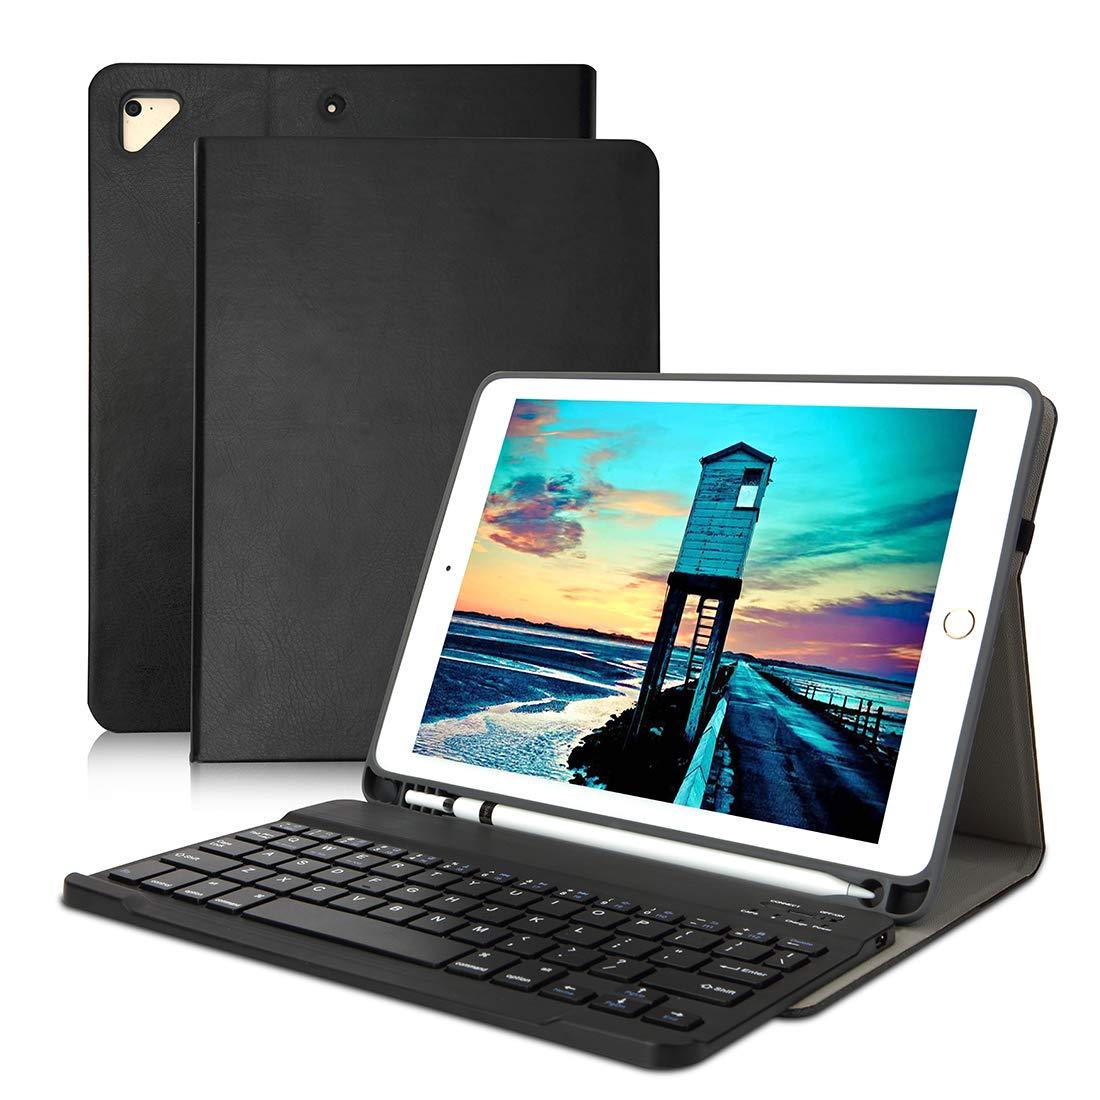 【お取り寄せ】 iPad キーボードケース 9.7 ペンシルホルダー付き iPad iPad 2018 (第6世代) B07PXKDTRV iPad 2017 9.7 (第5世代) iPad Pro 9.7 iPad Air 2&1 iPad 第6世代 取り外し可能なワイヤレスBluetoothキーボードケース 自動ウェイク/スリープ機能付き(ブラック) B07PXKDTRV, 家具のk1:2bfb4570 --- a0267596.xsph.ru